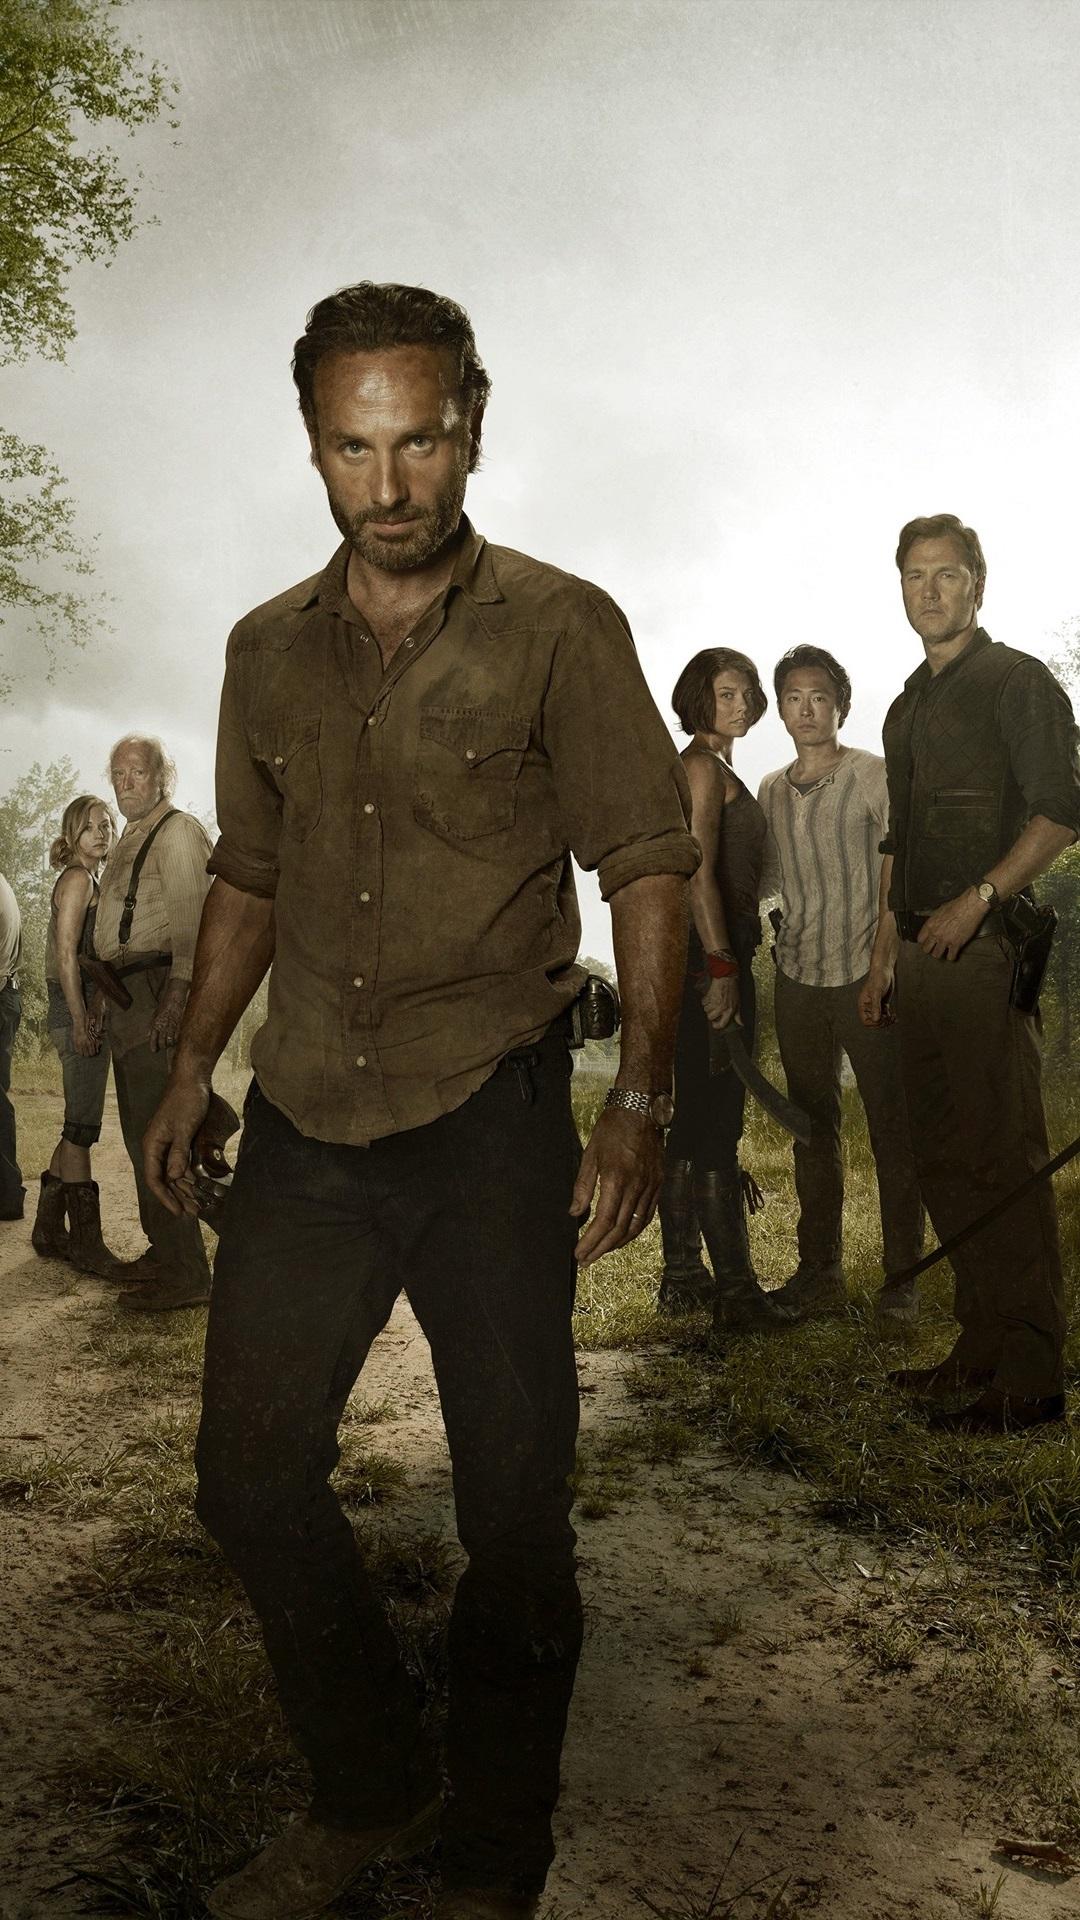 The Walking Dead Hd 1080x1920 Iphone 8 7 6 6s Plus Wallpaper